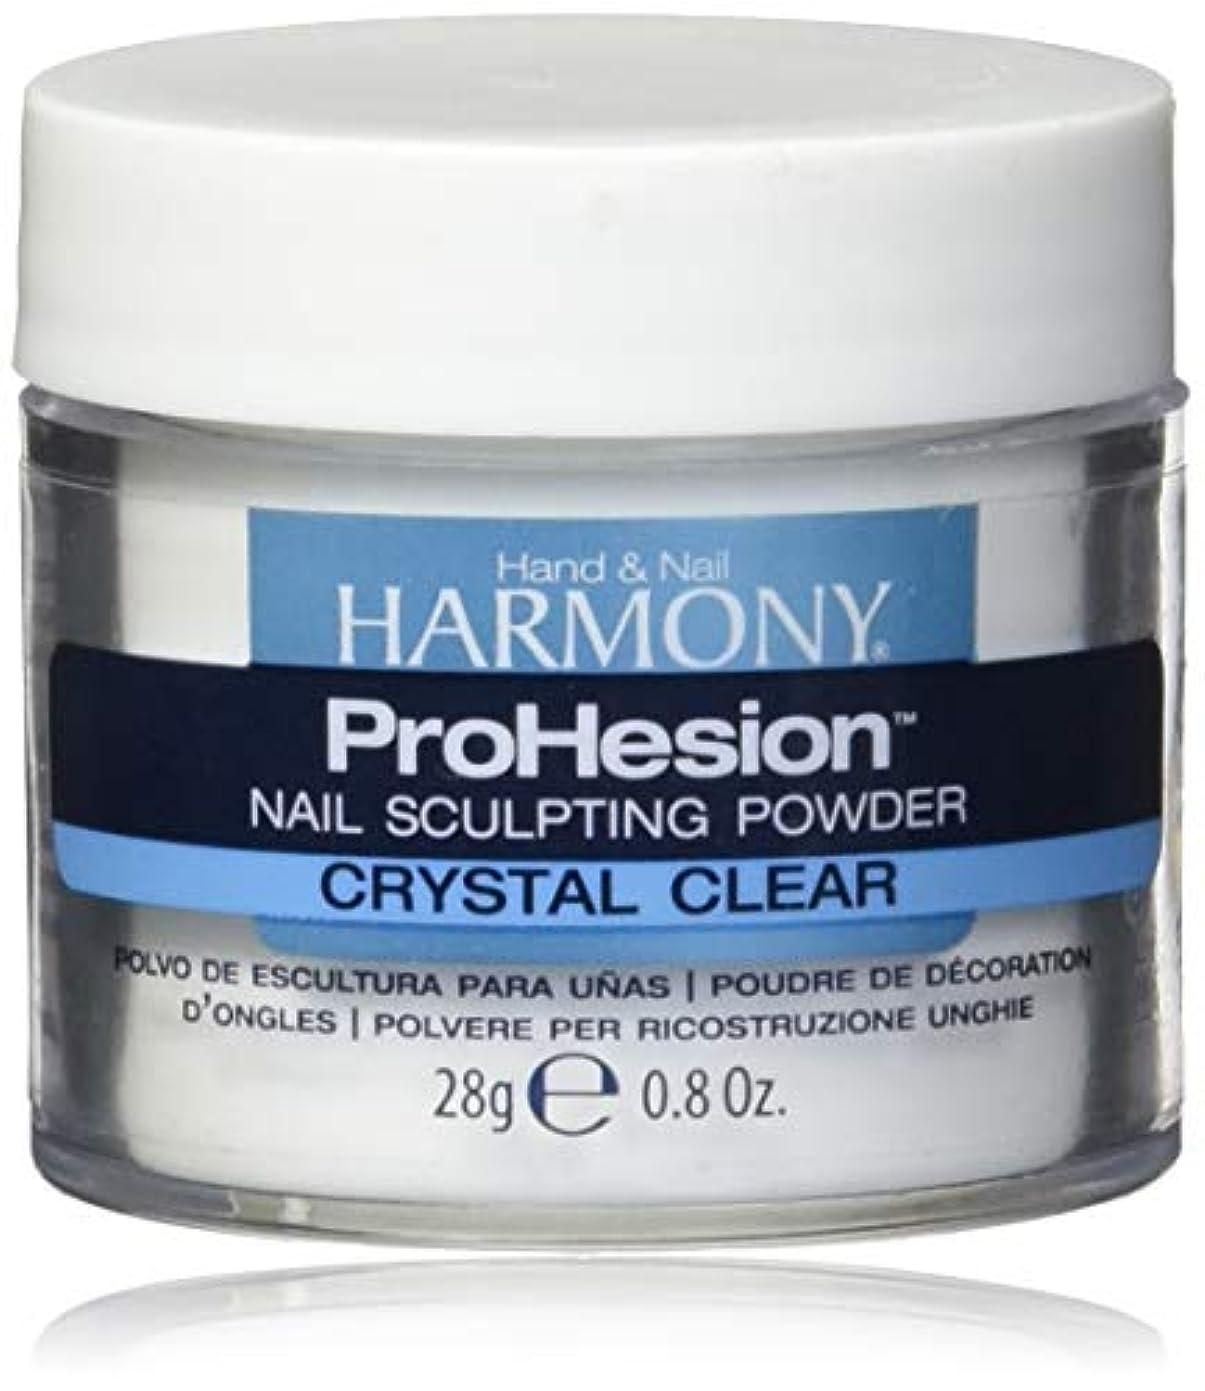 割合増強思春期Harmony Prohesion Sculpting Powder - Crystal Clear - 0.8oz / 28g